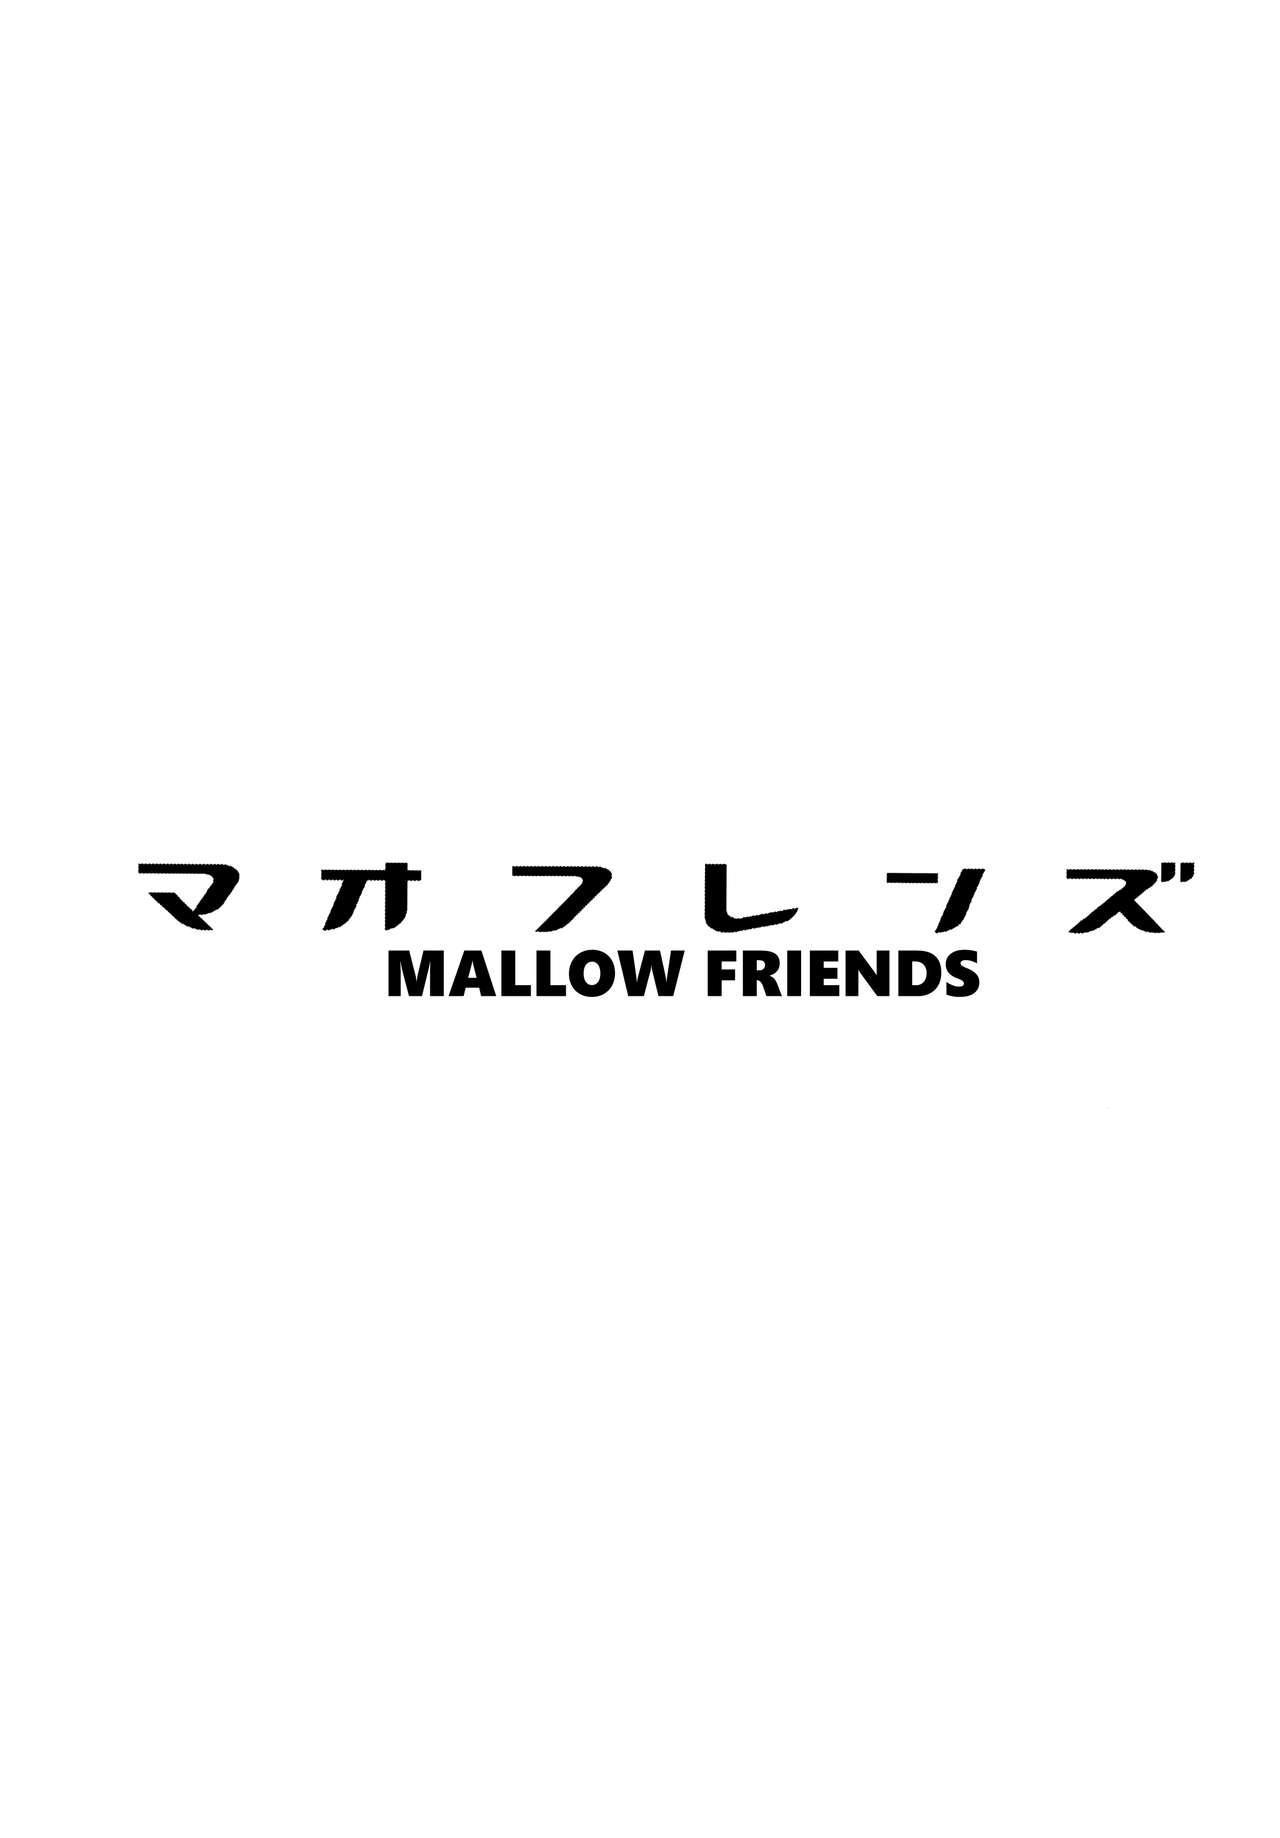 MAO FRIENDS 2